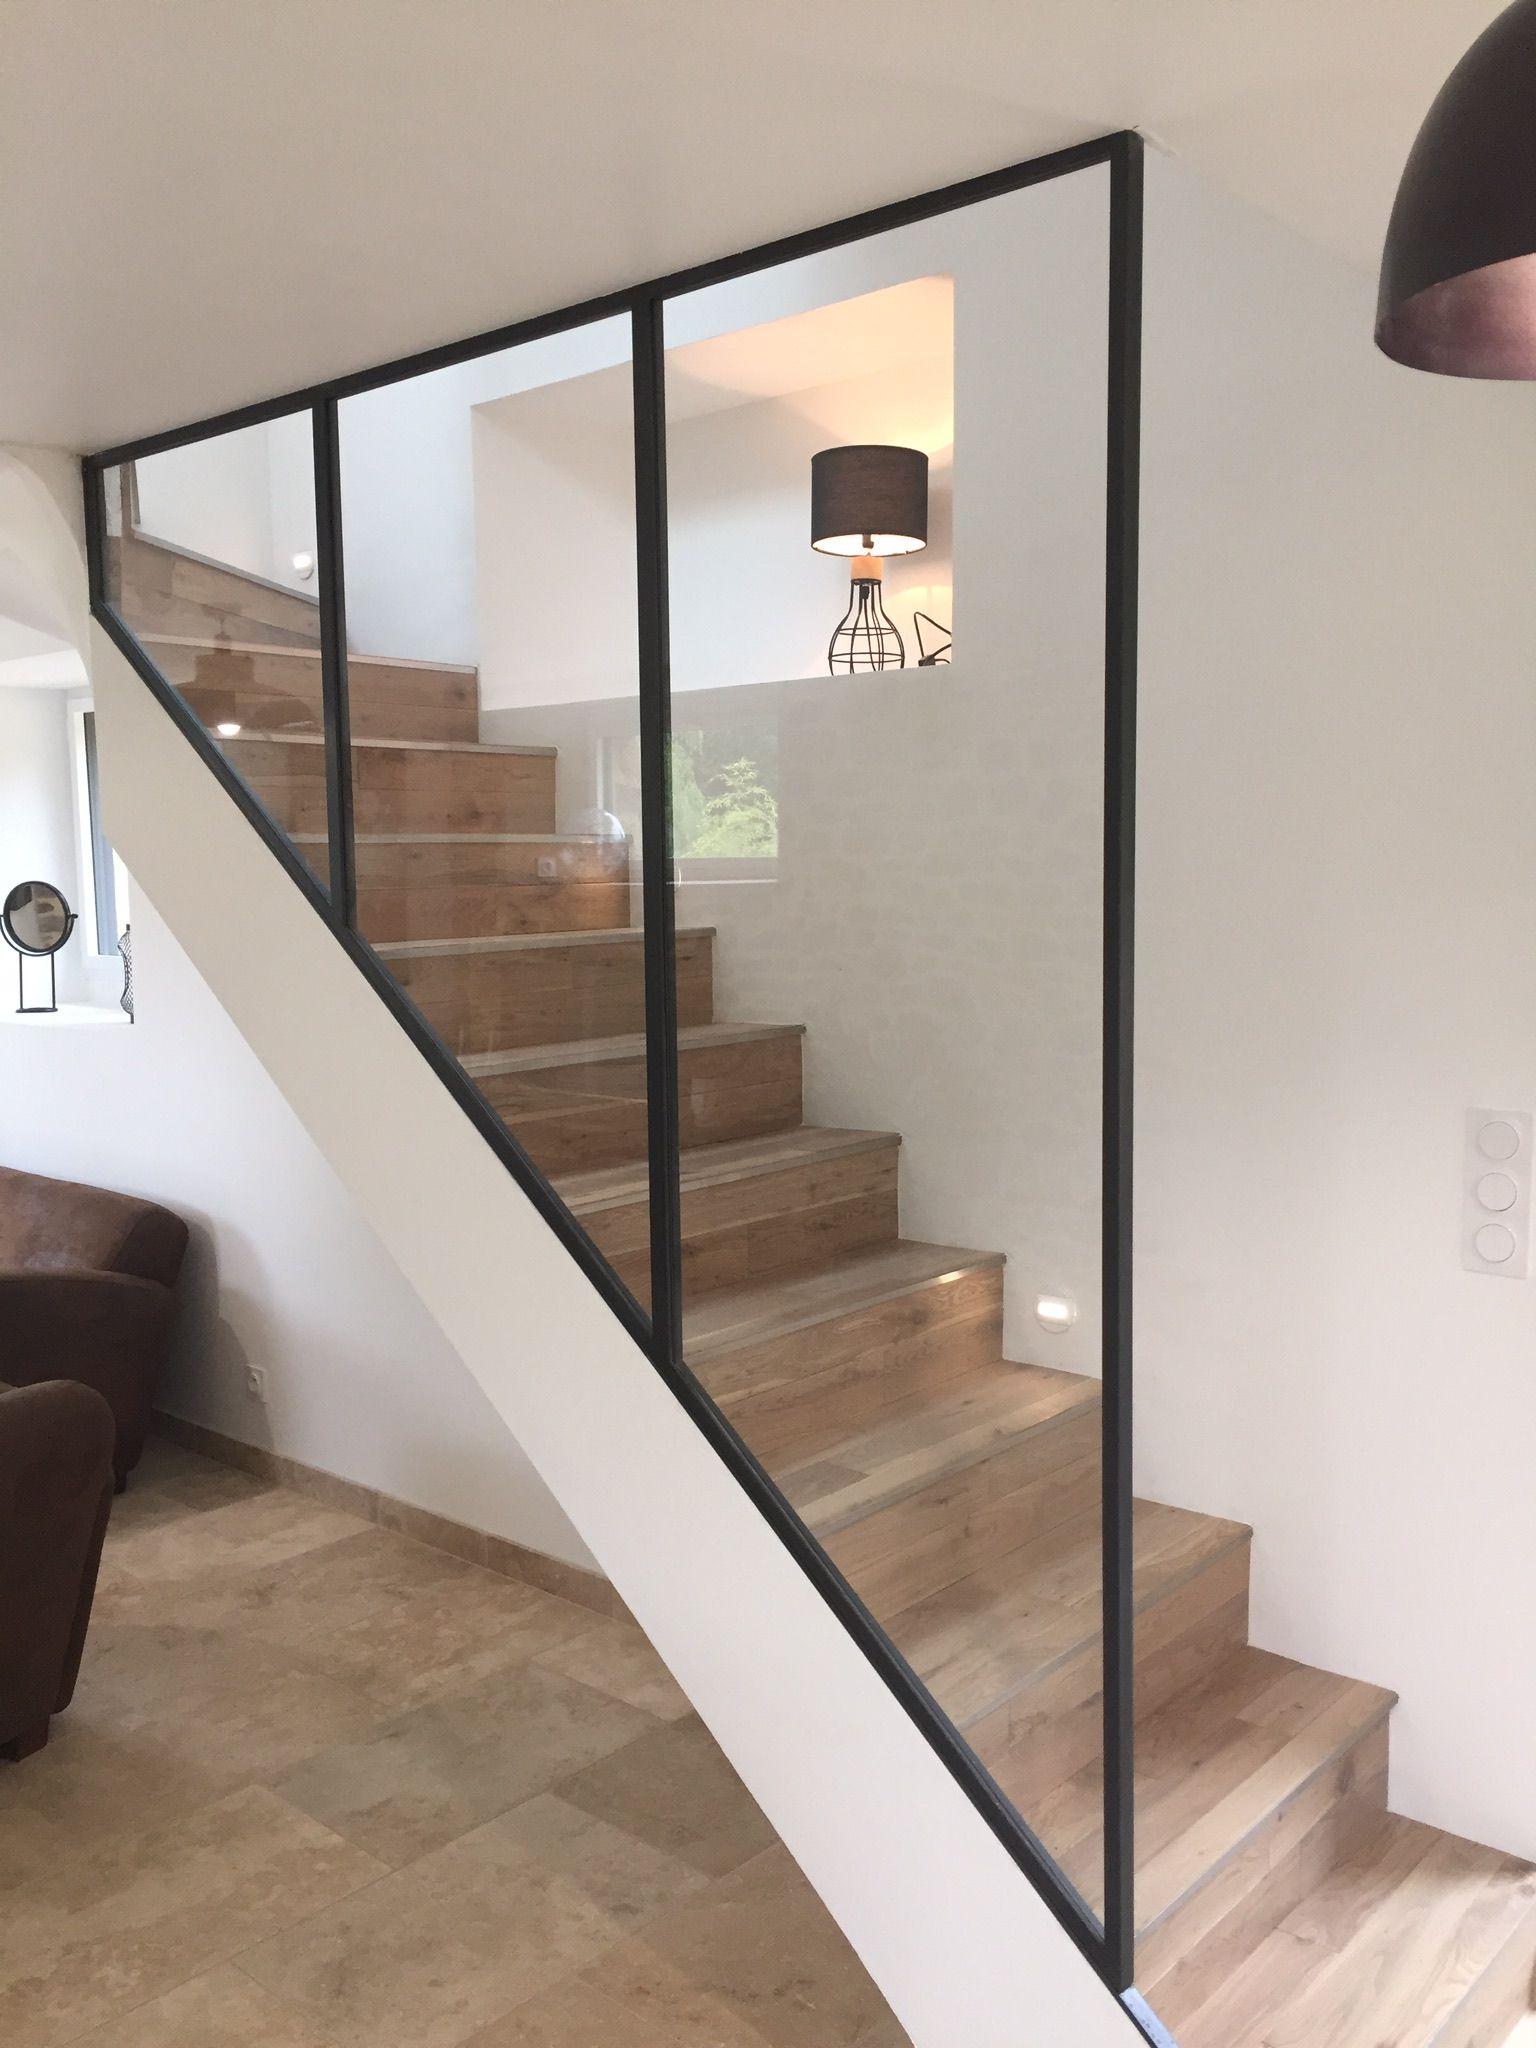 escalier parquet excellent peinture sol bois avec peinture sol escalier bois autres vues autres. Black Bedroom Furniture Sets. Home Design Ideas